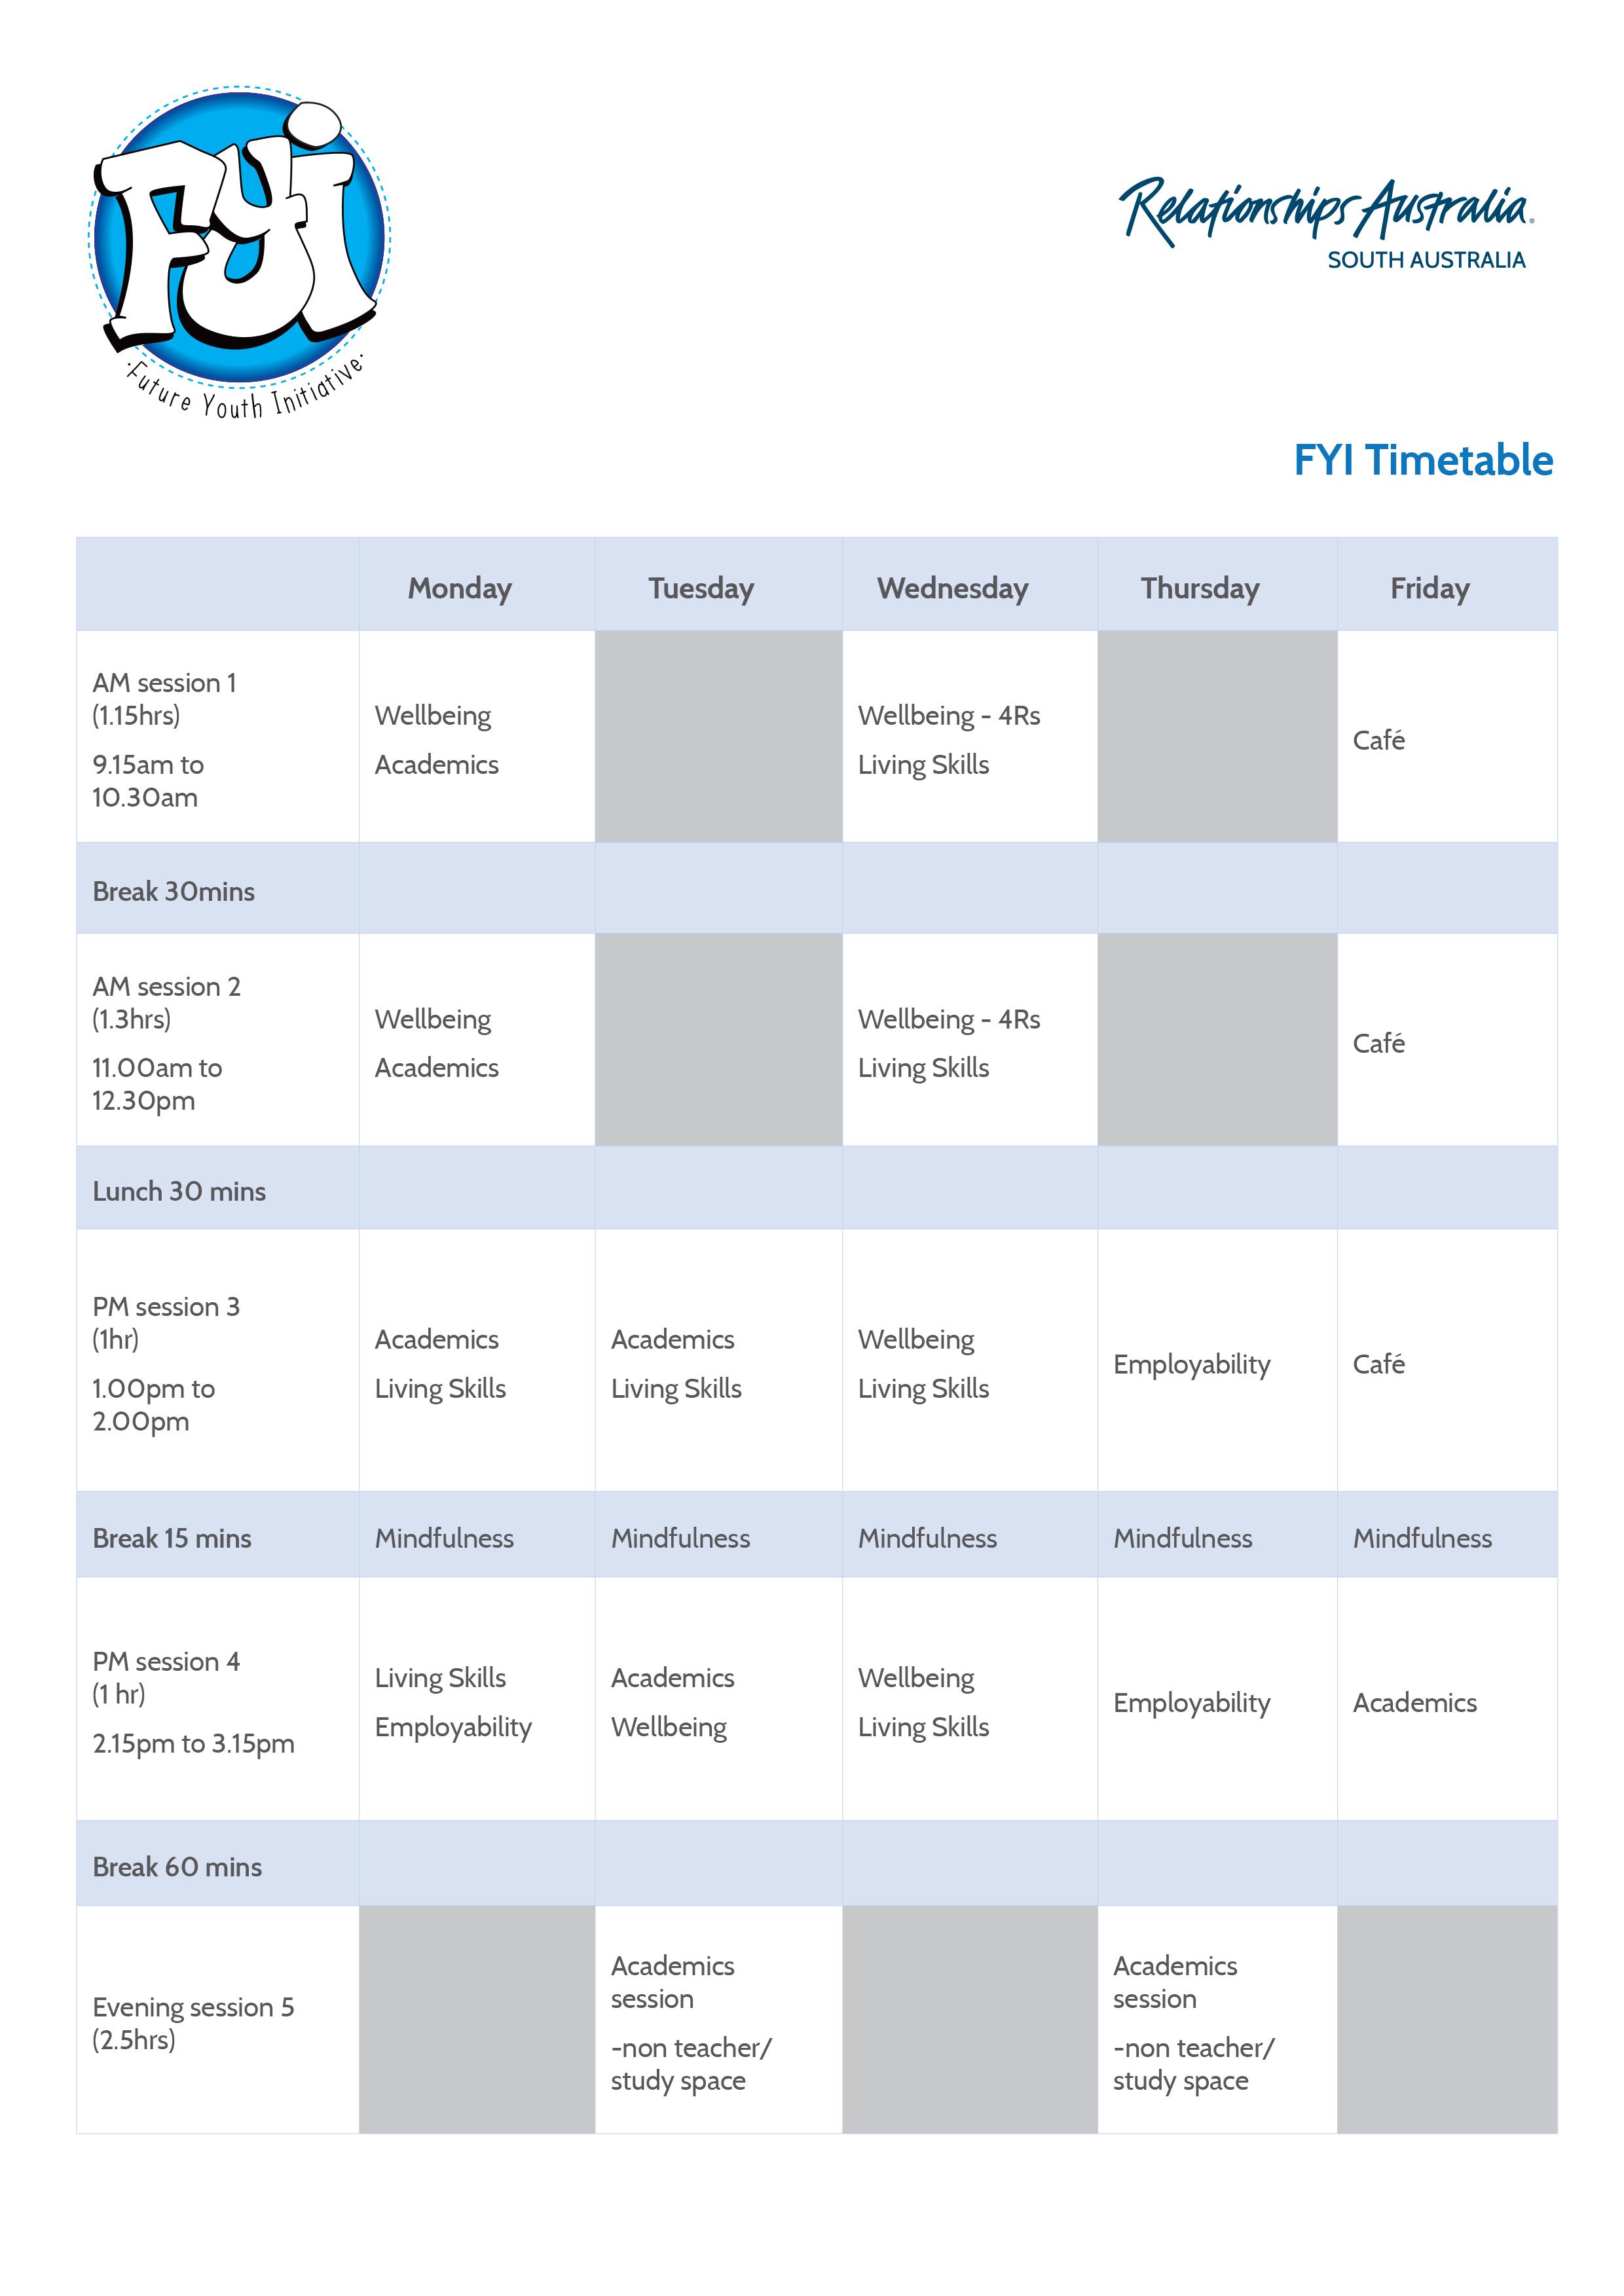 FYI_Timetable